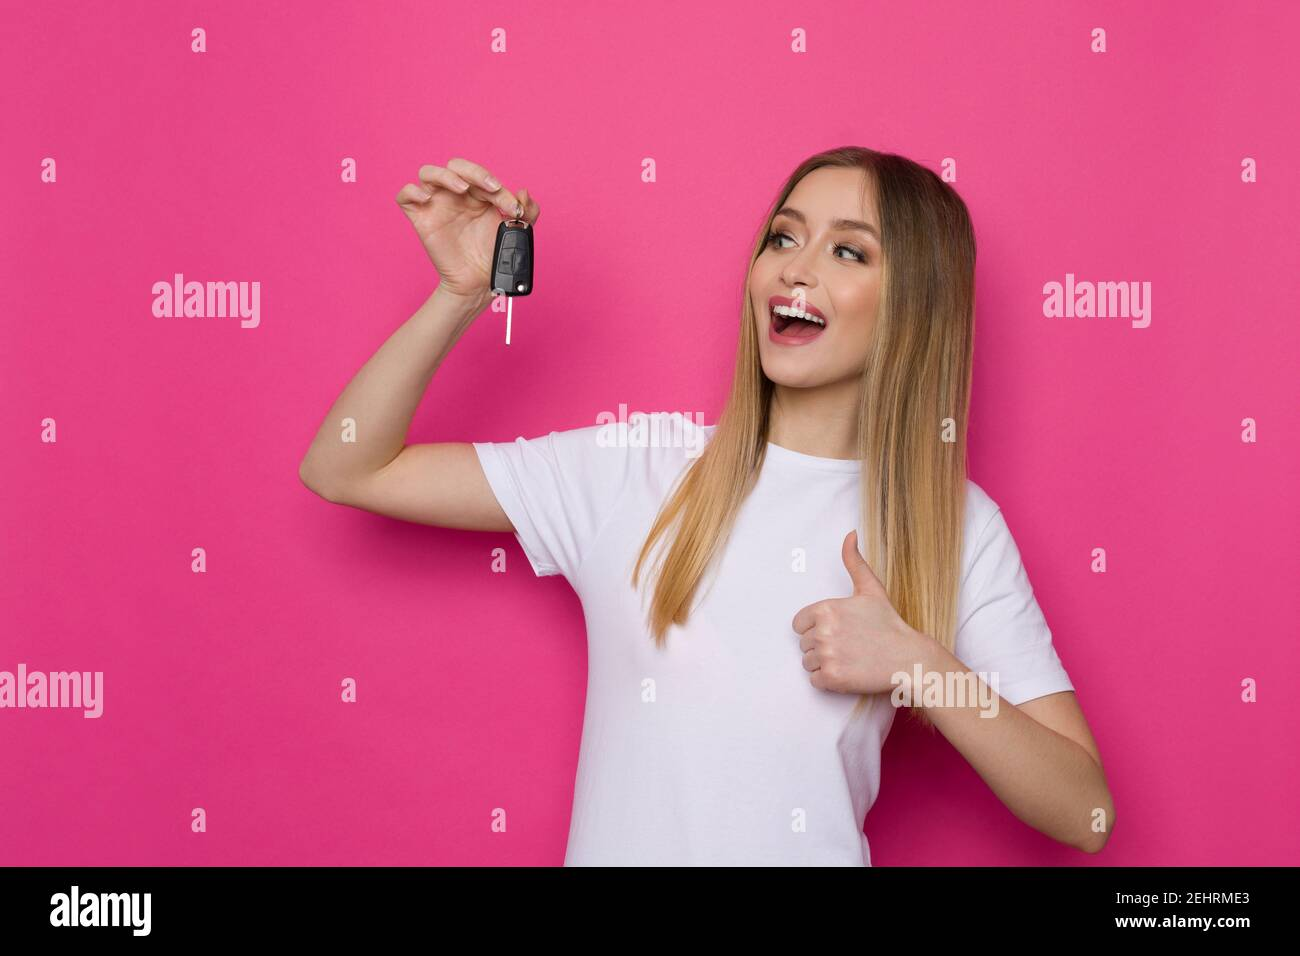 Glückliche junge Frau in weißem Hemd hält den Schlüssel, zeigt Daumen nach oben und spricht. Studio-Aufnahme auf rosa Hintergrund. Stockfoto